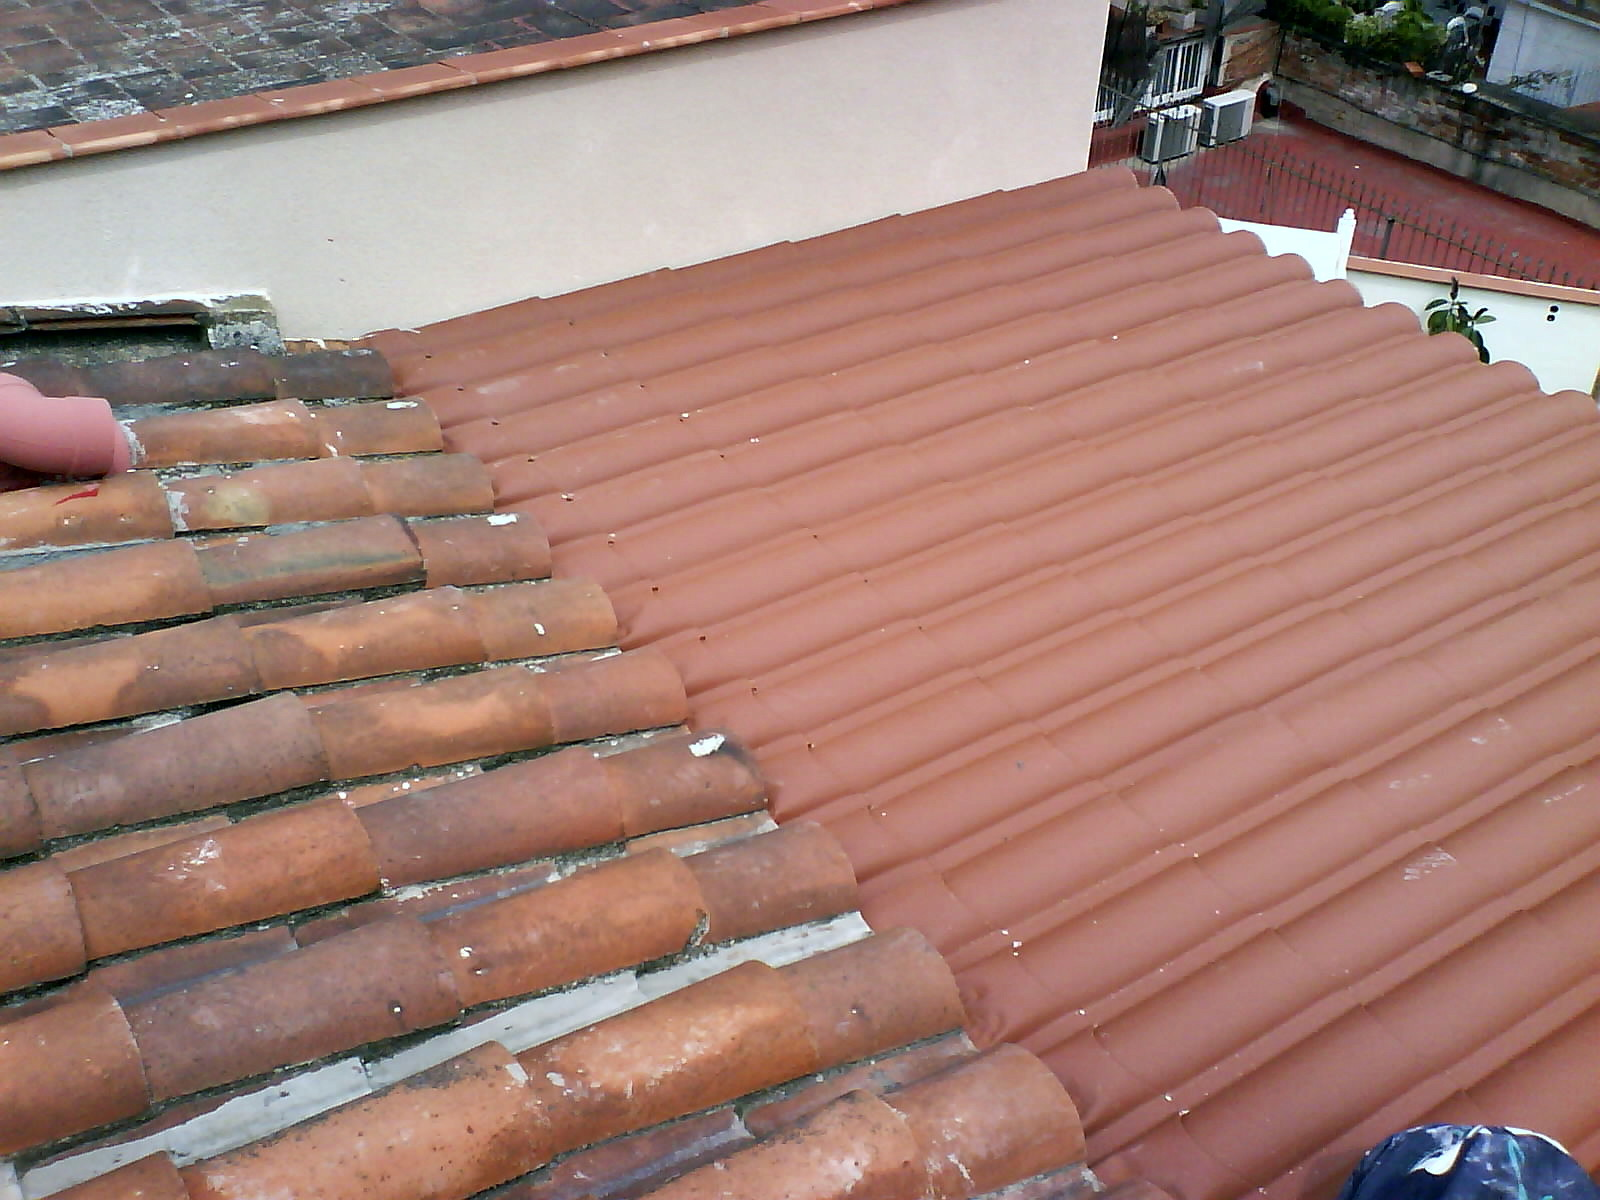 Fabricaci n venta e instalaci n de techos y tejados en for Tejados de madera para exterior